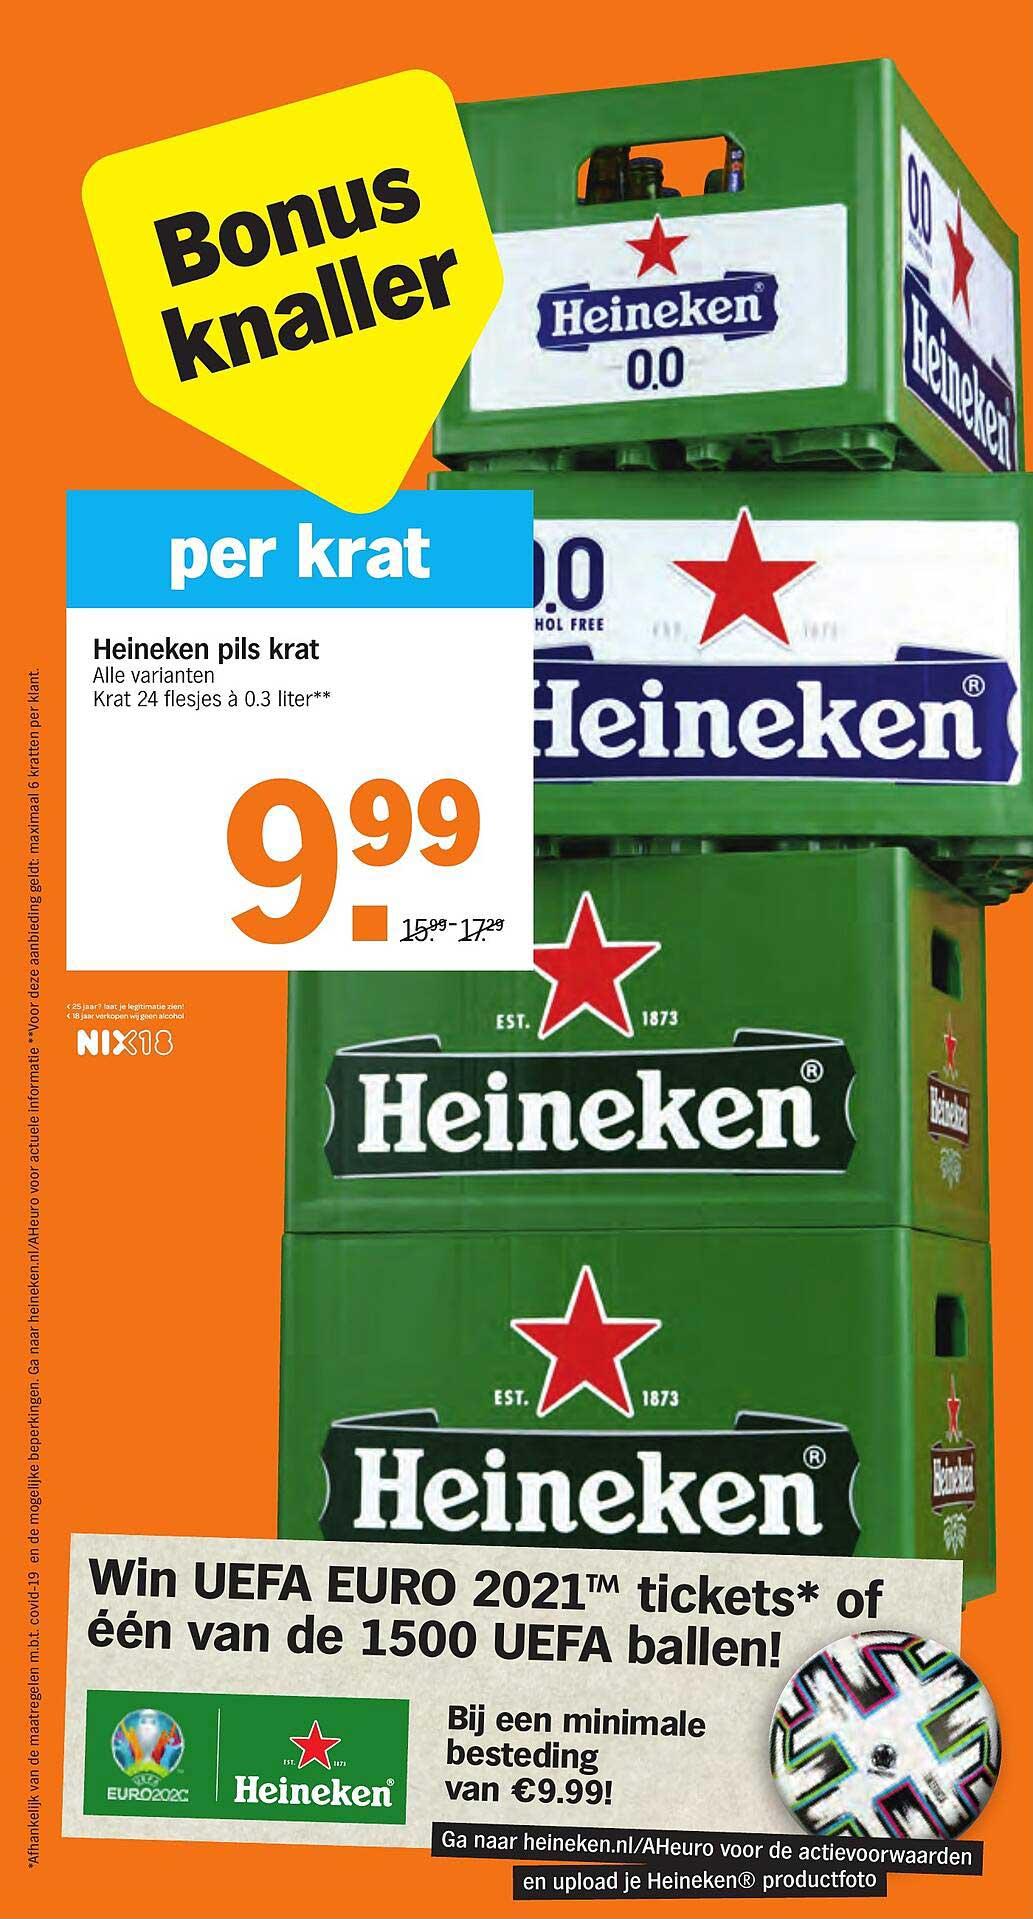 Albert Heijn Heineken Pils Krat